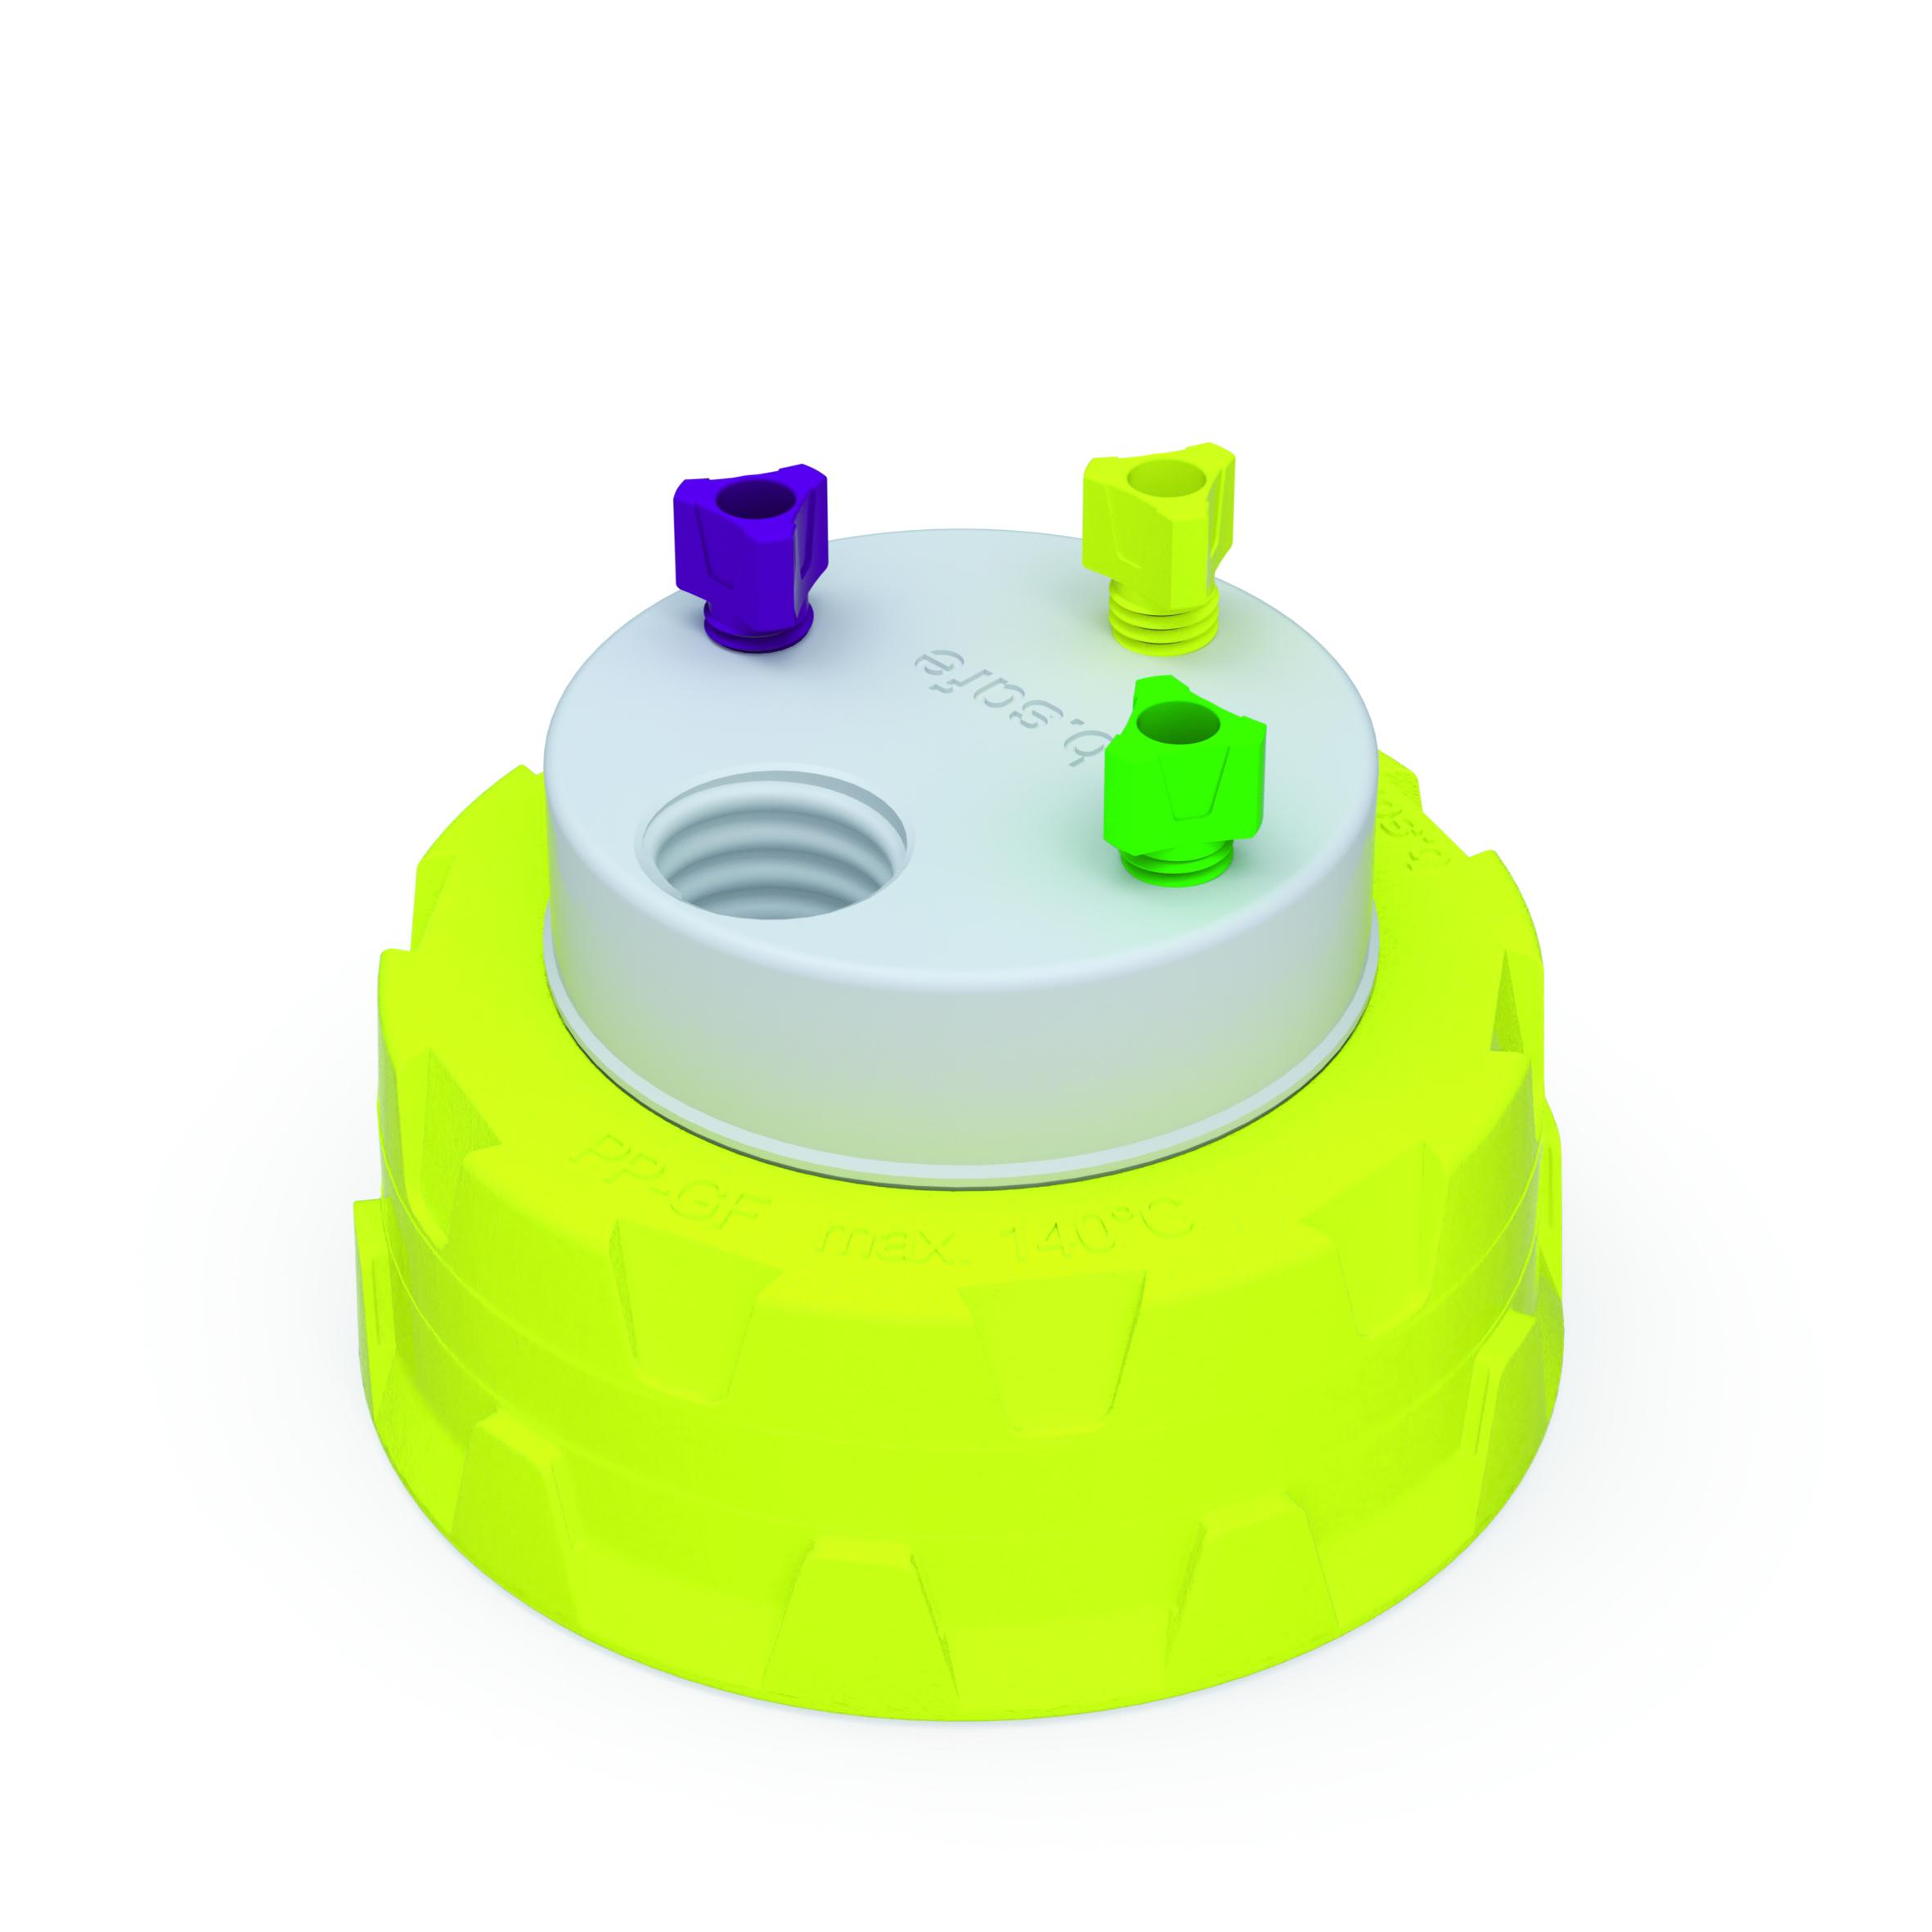 Waste Cap S60  Schraubkappe aus PP für Gewinde S60, frei drehbarer Einsatz aus PTFE. Mit PFA-Fittings für Kapi